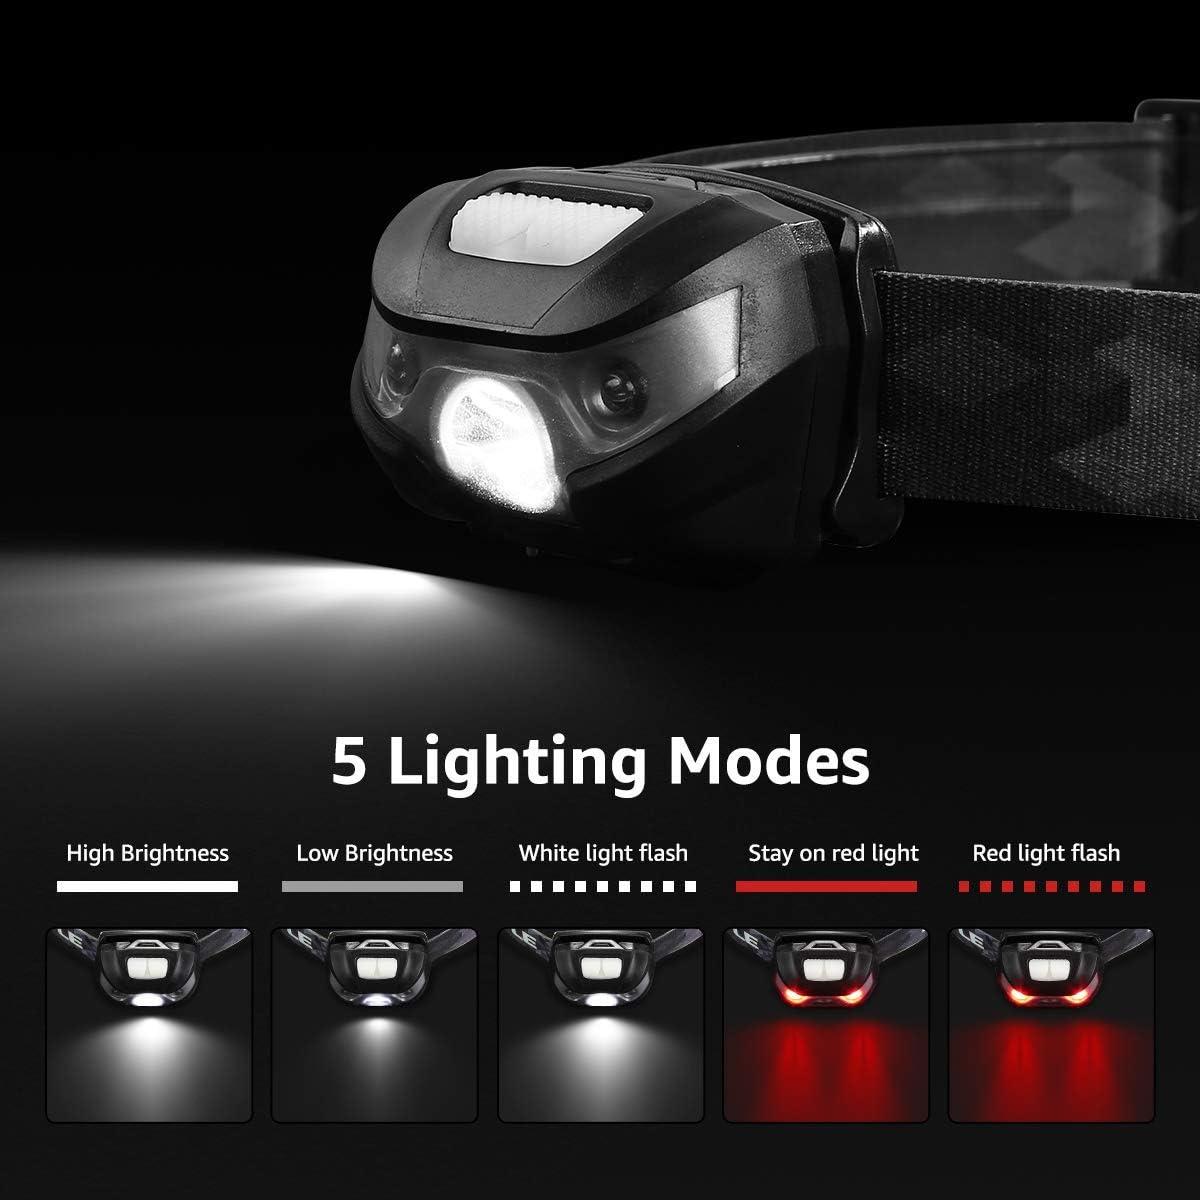 Torche Frontale L/ég/ère Puissante pour Enfants Adultes Running Camping Randonn/ée LE Lampe Frontale Rechargeable USB 5 Modes IPX4 /Étanche Distance 150 M Continue 30H